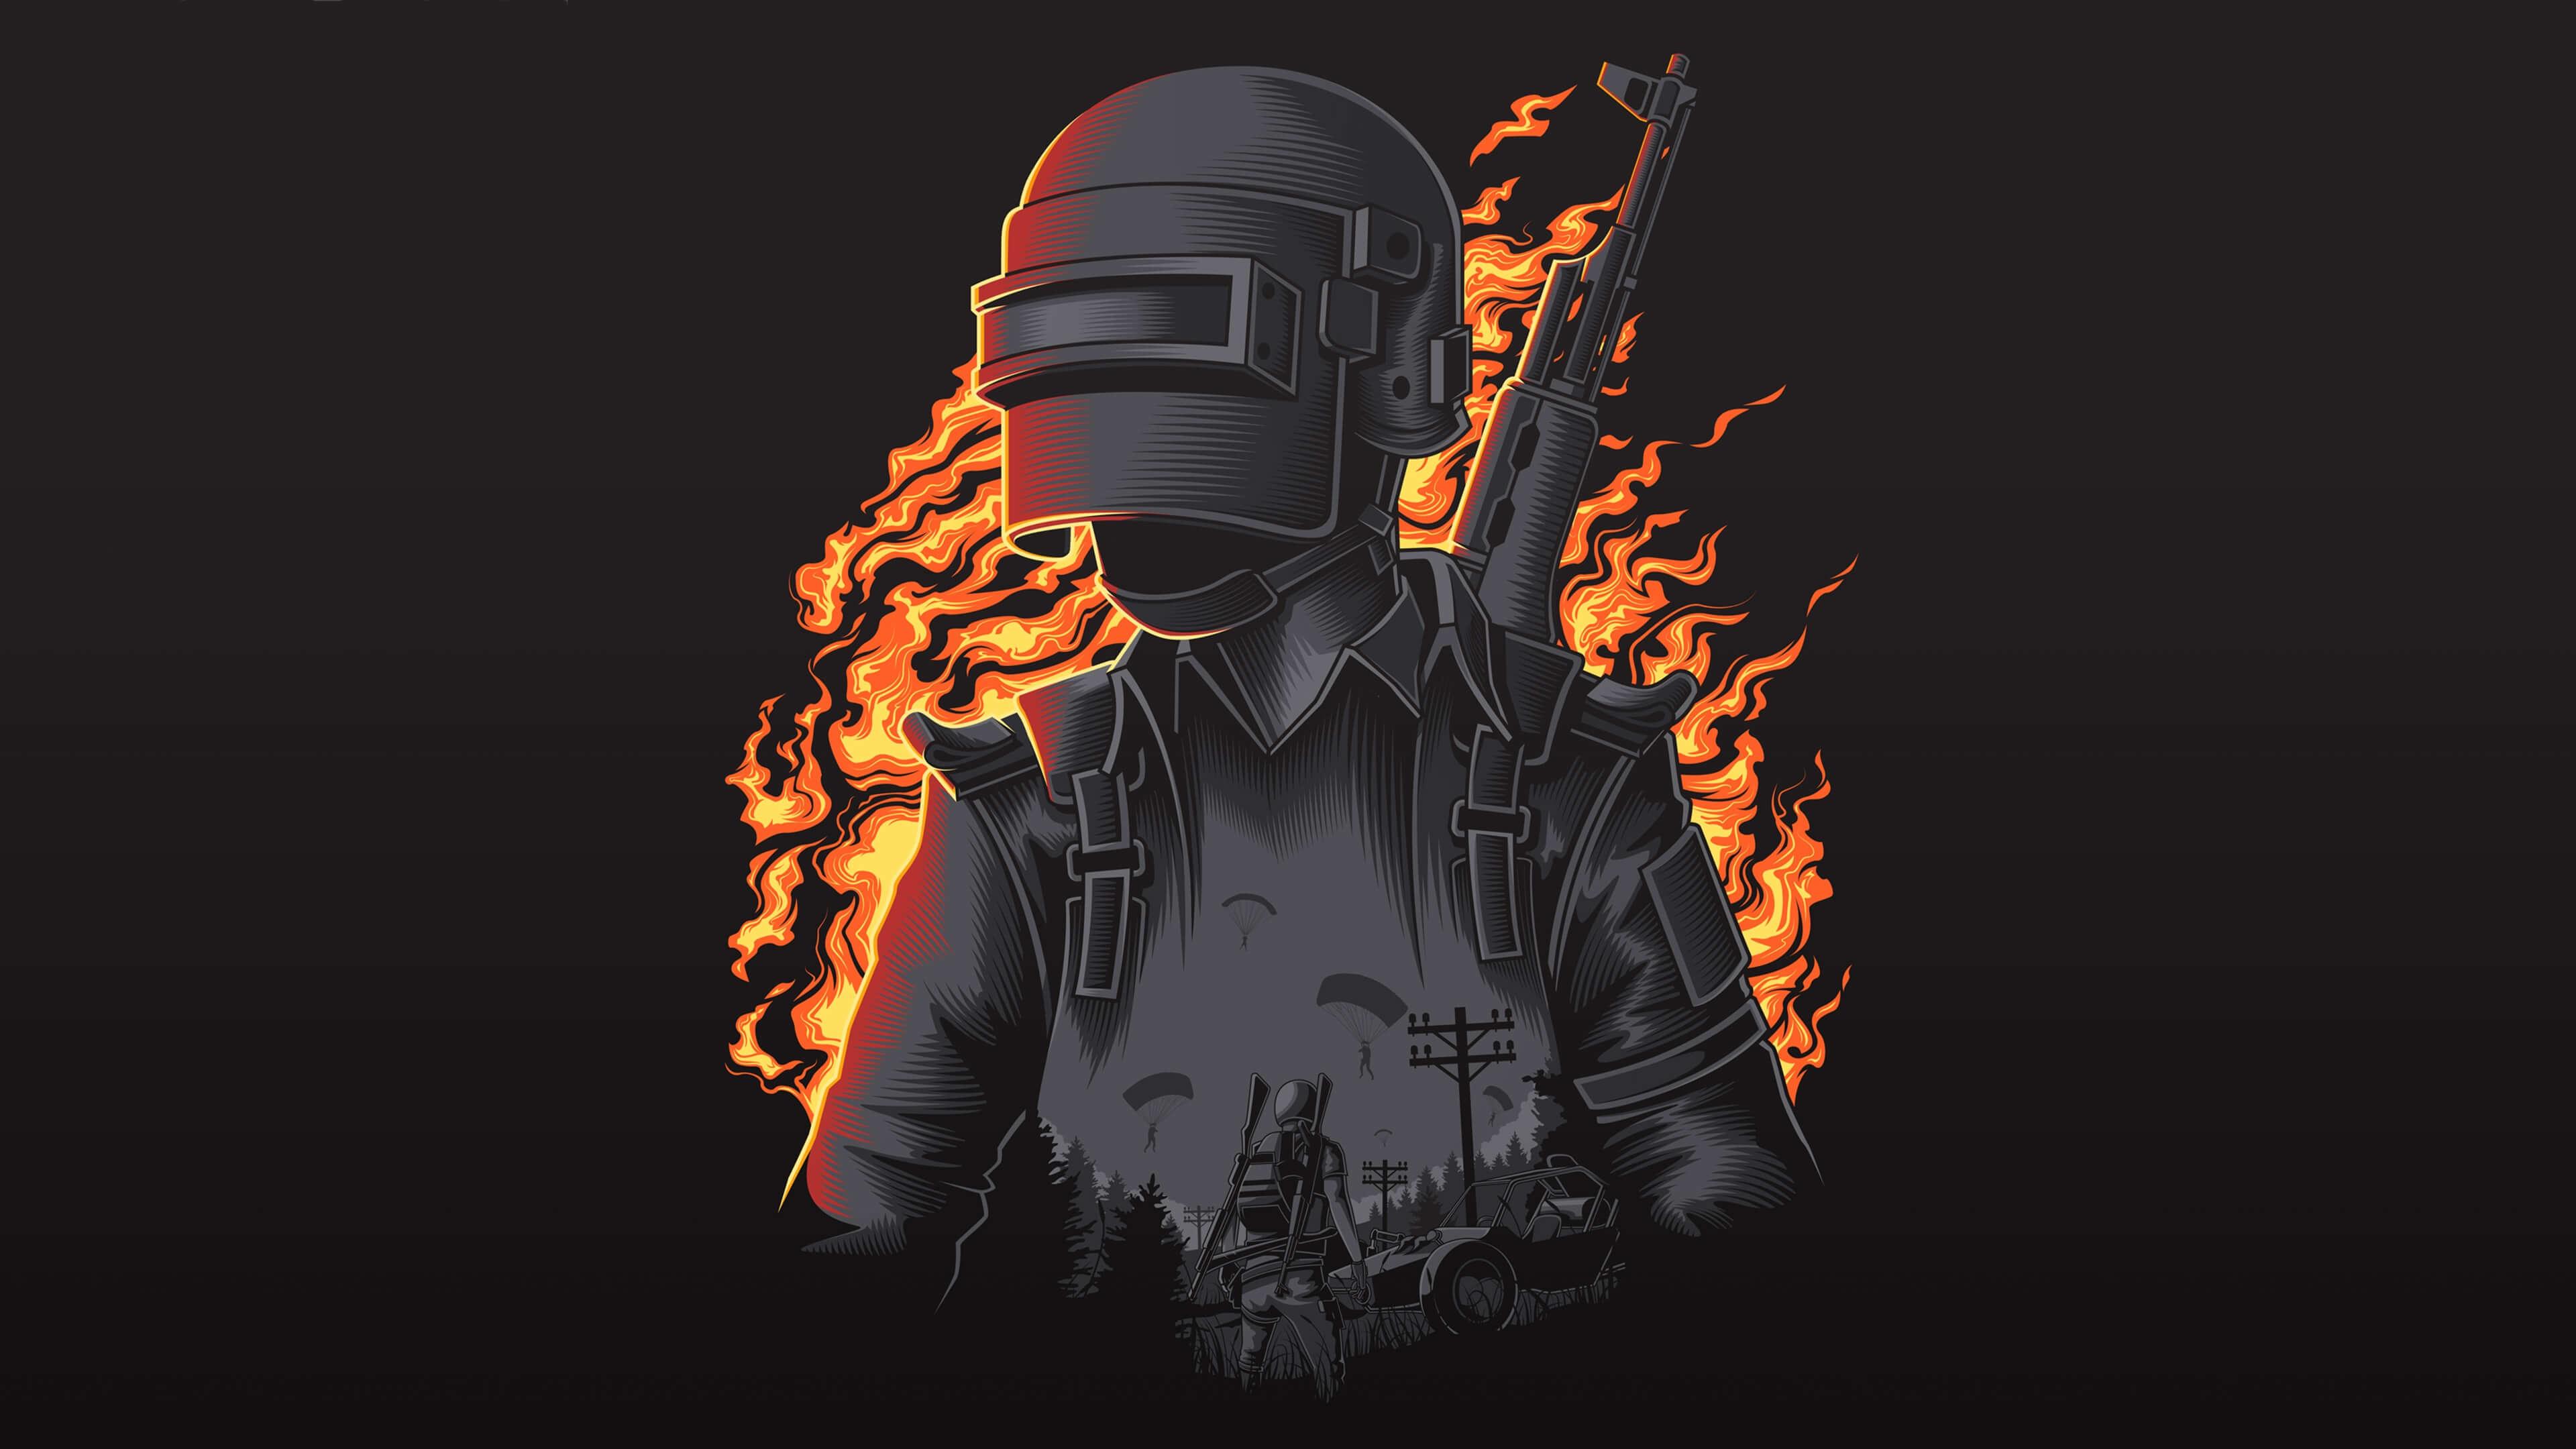 Обои PlayerUnknown's Battlegrounds на чёрном фоне